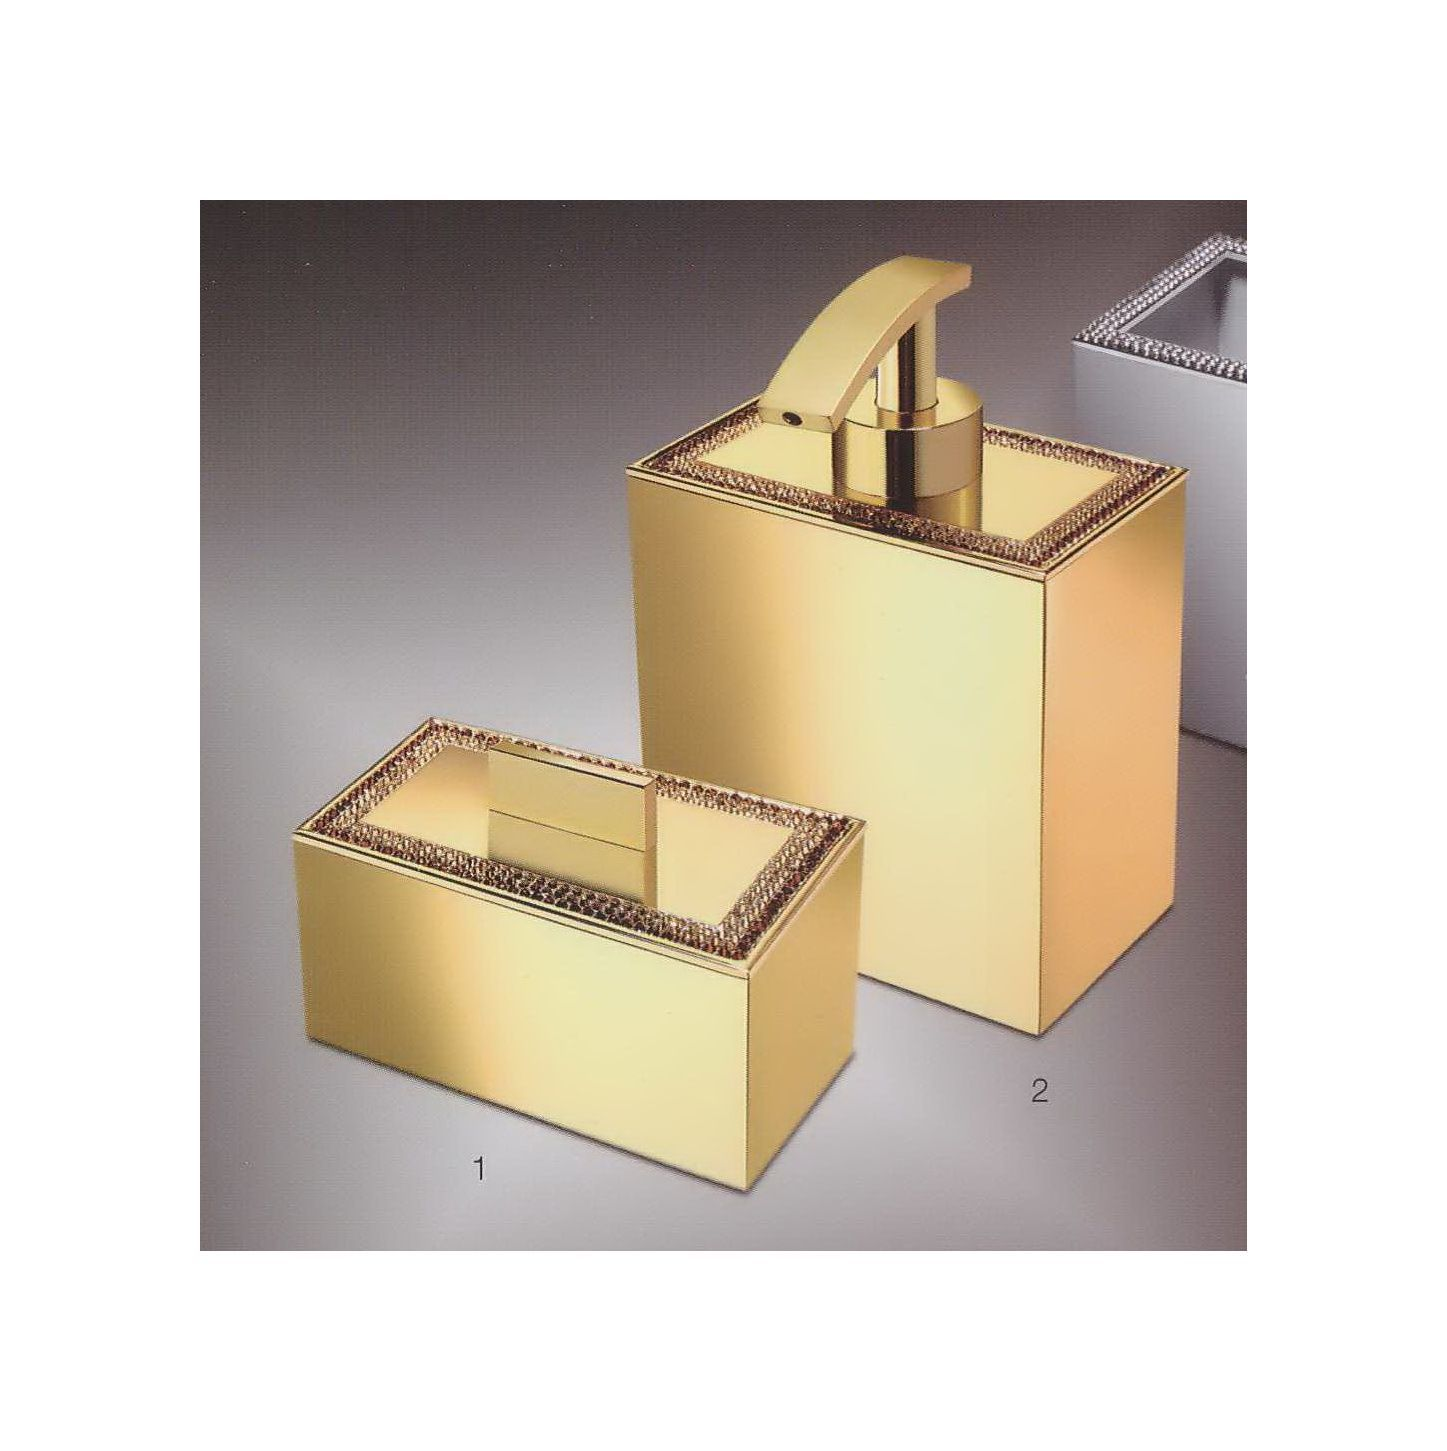 Для косметики Емкость для косметики малая Windisch 88537O Shine Light Square yomkost-dlya-kosmetiki-malaya-88537o-shine-light-ot-windisch-ispaniya.jpg